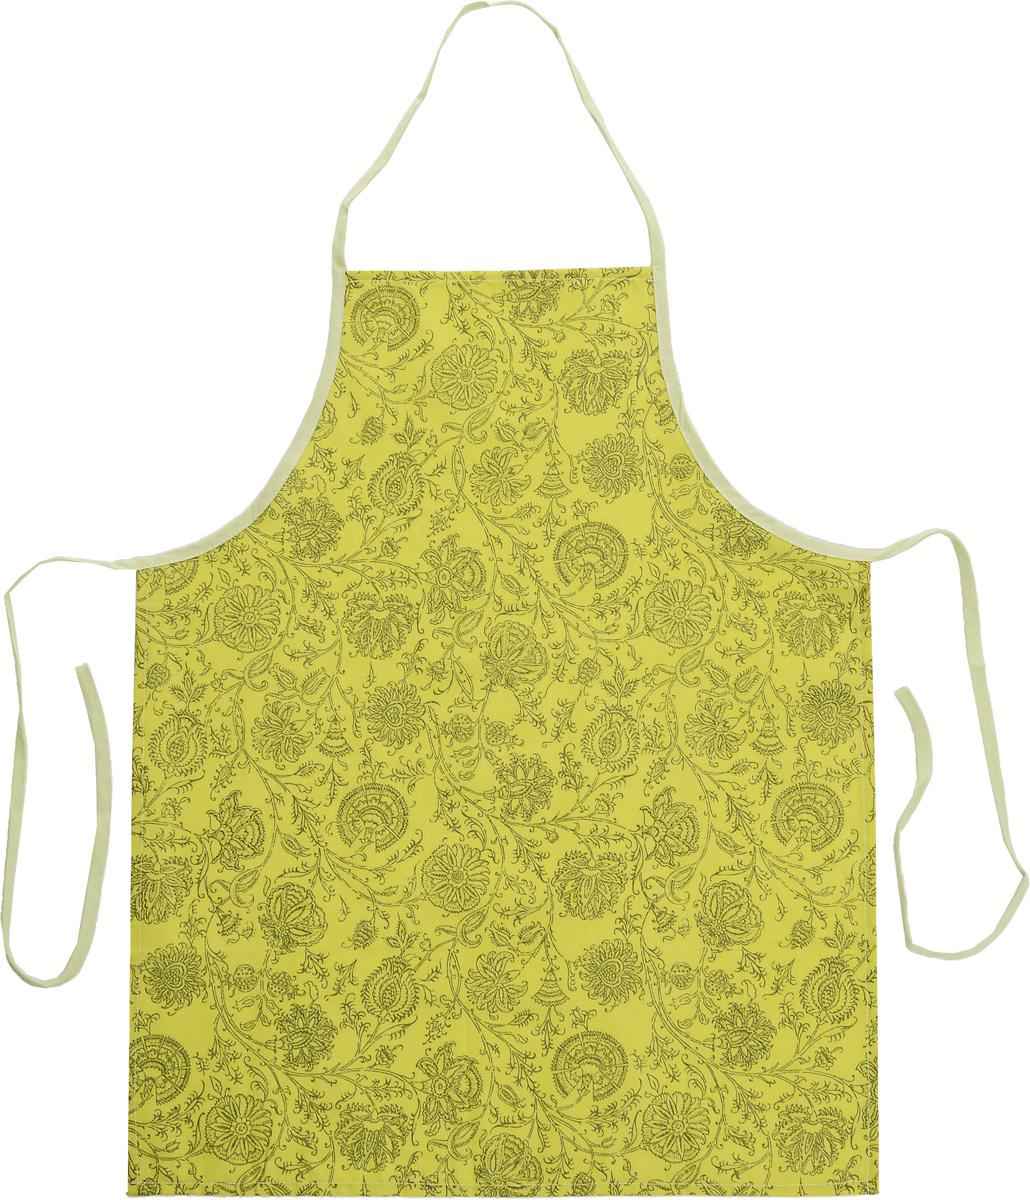 Фартук Bonita Марципан, 56 х 67 смS03301004Фартук Bonita Марципан изготовлен из натурального хлопка с покрытием, которое отталкивает грязь, воду и масло. Фартук оснащен завязками. Имеет универсальный размер. Декорирован красивым узором, который понравится любой хозяйке.Такой фартук поможет вам избежать попадания еды на одежду во время приготовления пищи. Кухня - это сердце дома, где вся семья собирается вместе. Она бережно хранит и поддерживает жизнь домашнего очага, который нас согревает. Именно поэтому так важно создать здесь атмосферу, которая не только возбудит аппетит, но и наполнит жизненной энергией. С текстилем Bonita открывается возможность не только каждый день дарить кухне новый облик, но и создавать настоящие кулинарные шедевры. Bonita станет незаменимым помощником и идейным вдохновителем, создающим вкусное настроение на вашей кухне.